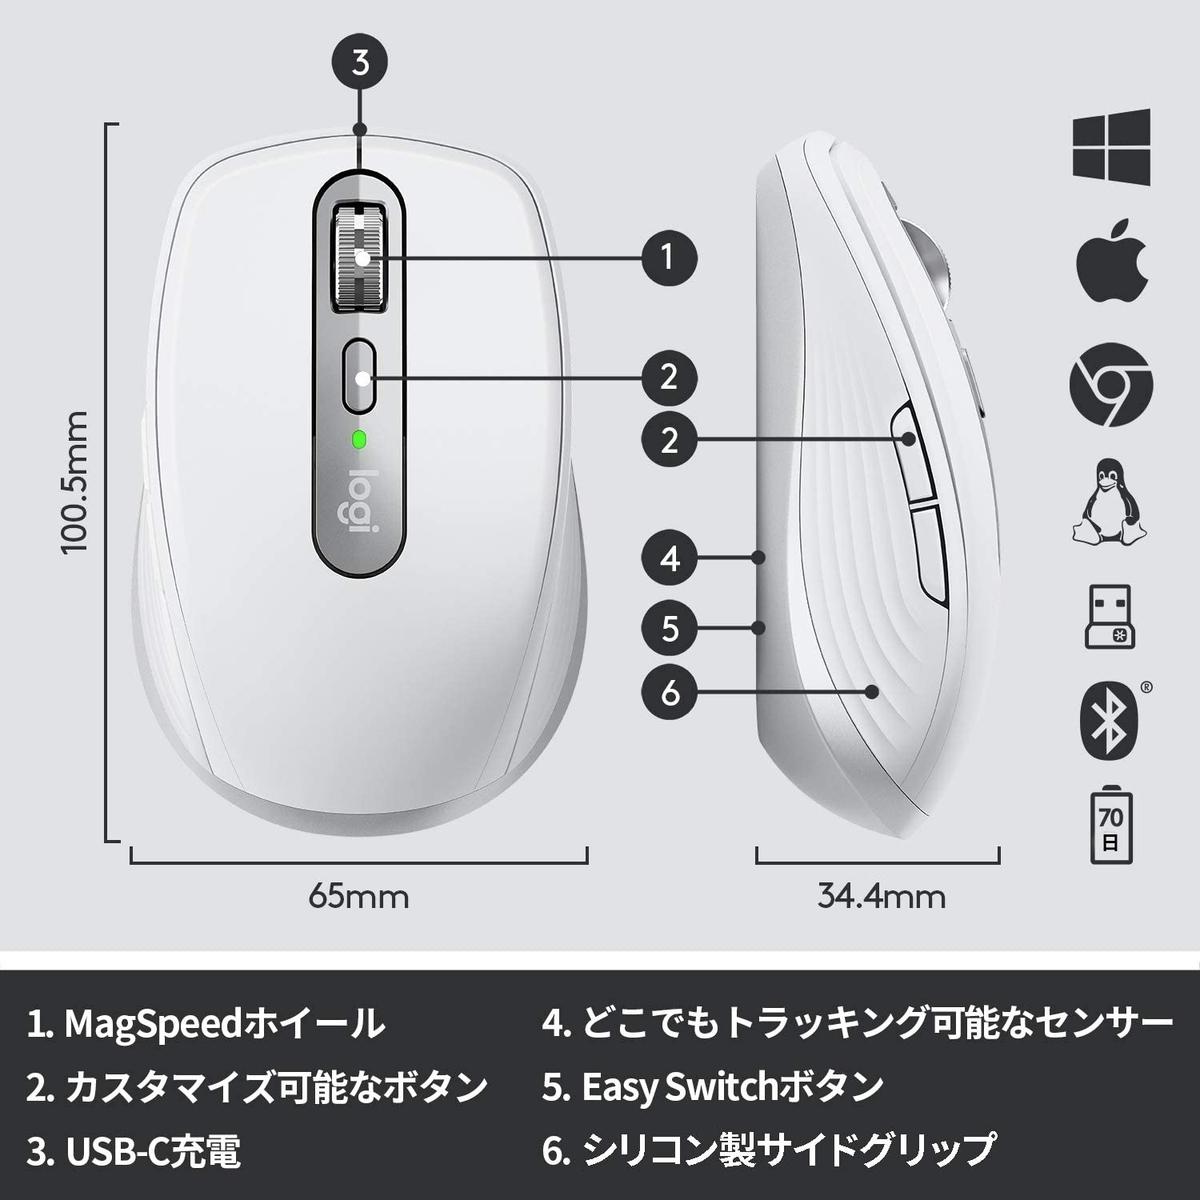 f:id:hiro9332:20210624204934j:plain